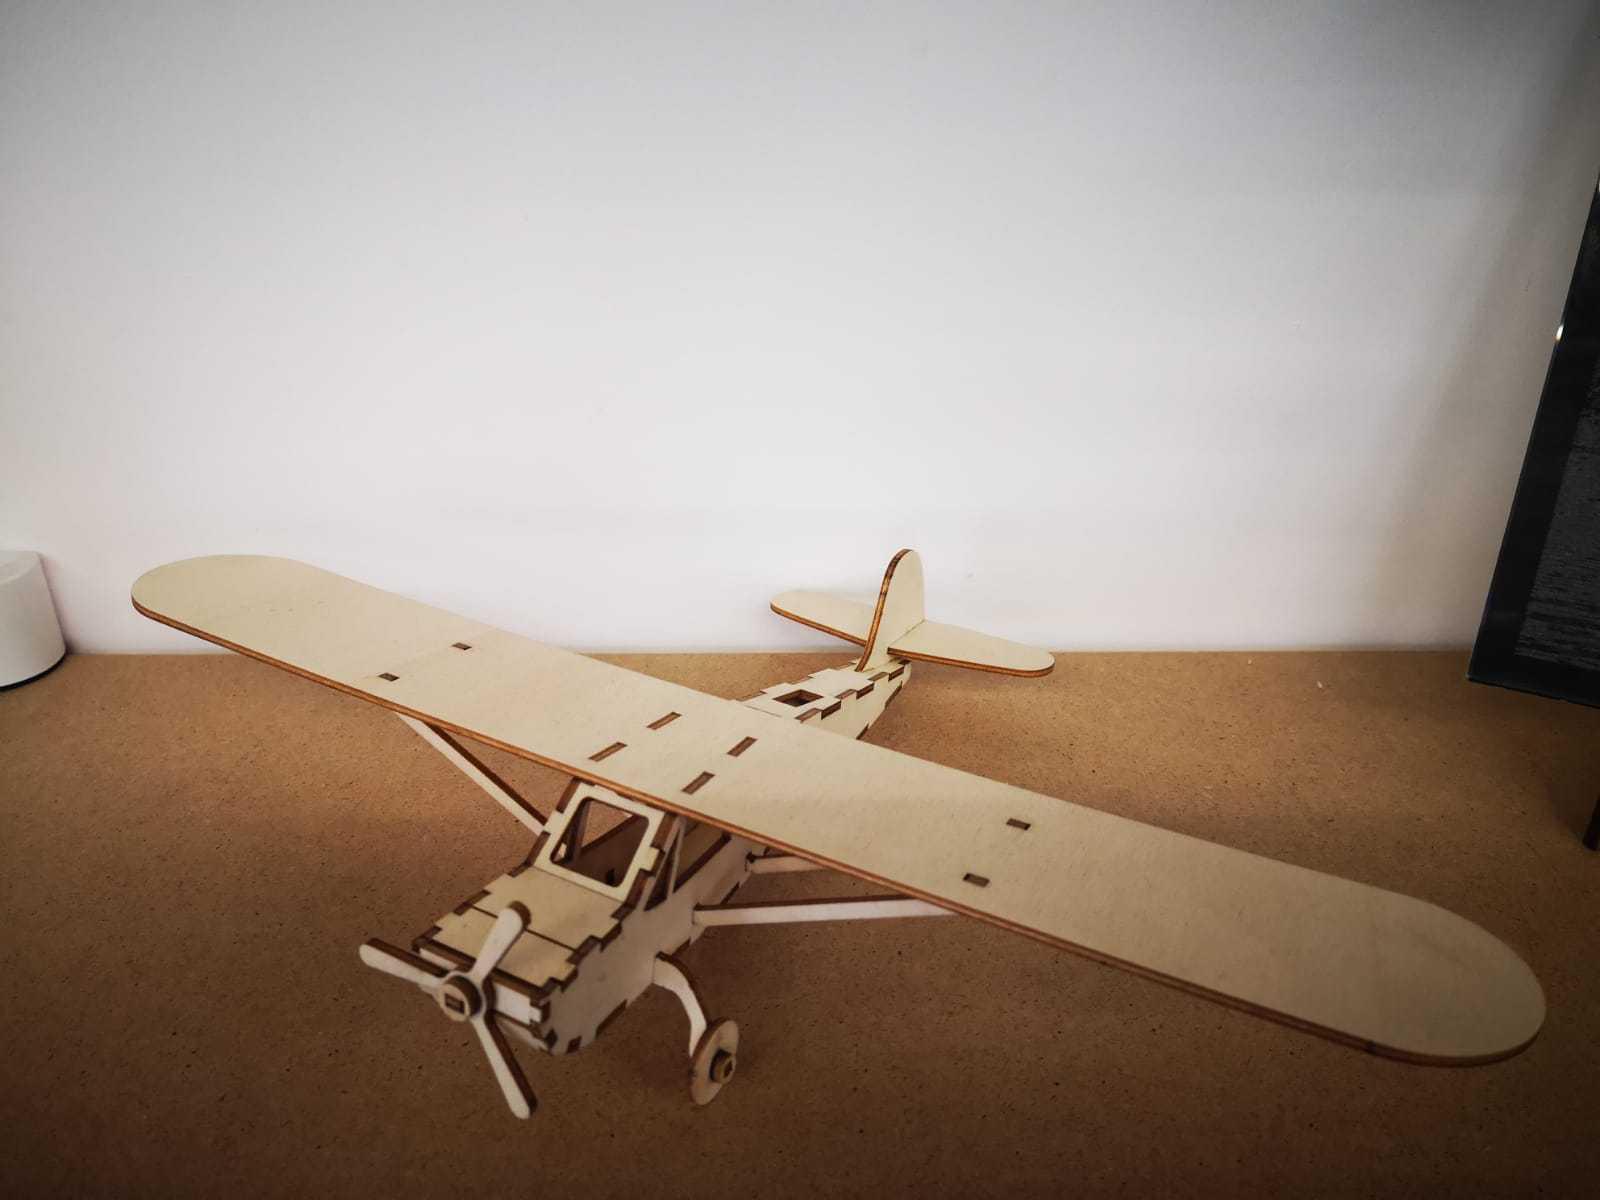 Laserizzazione-3d-Aeroplano